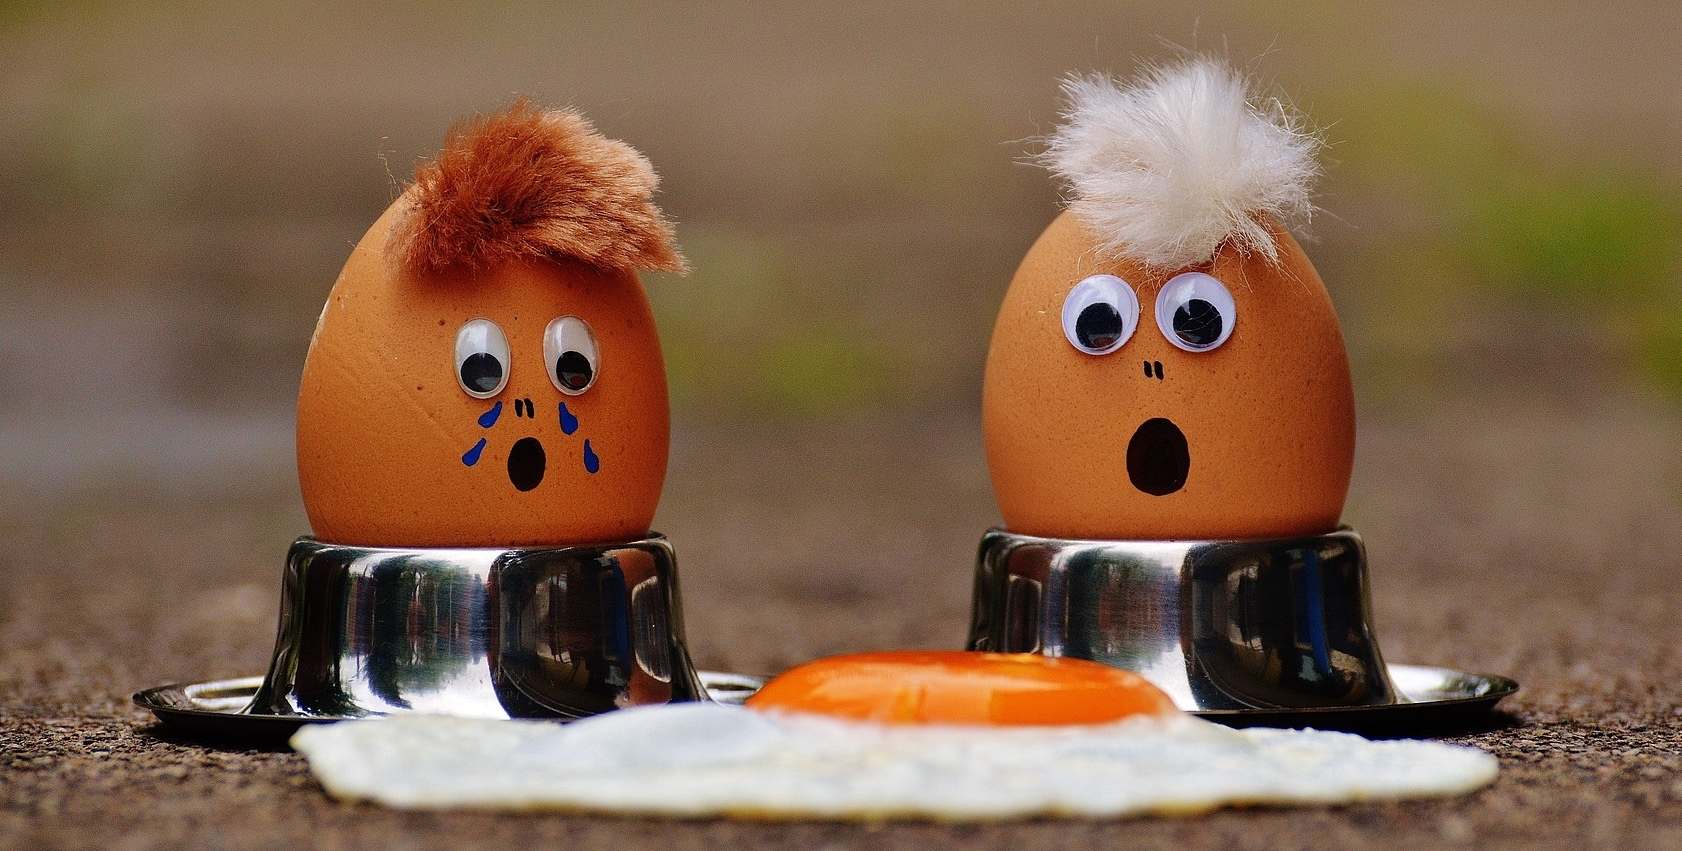 Alexas_Fotos-freir-un-huevo-en-la-acera-